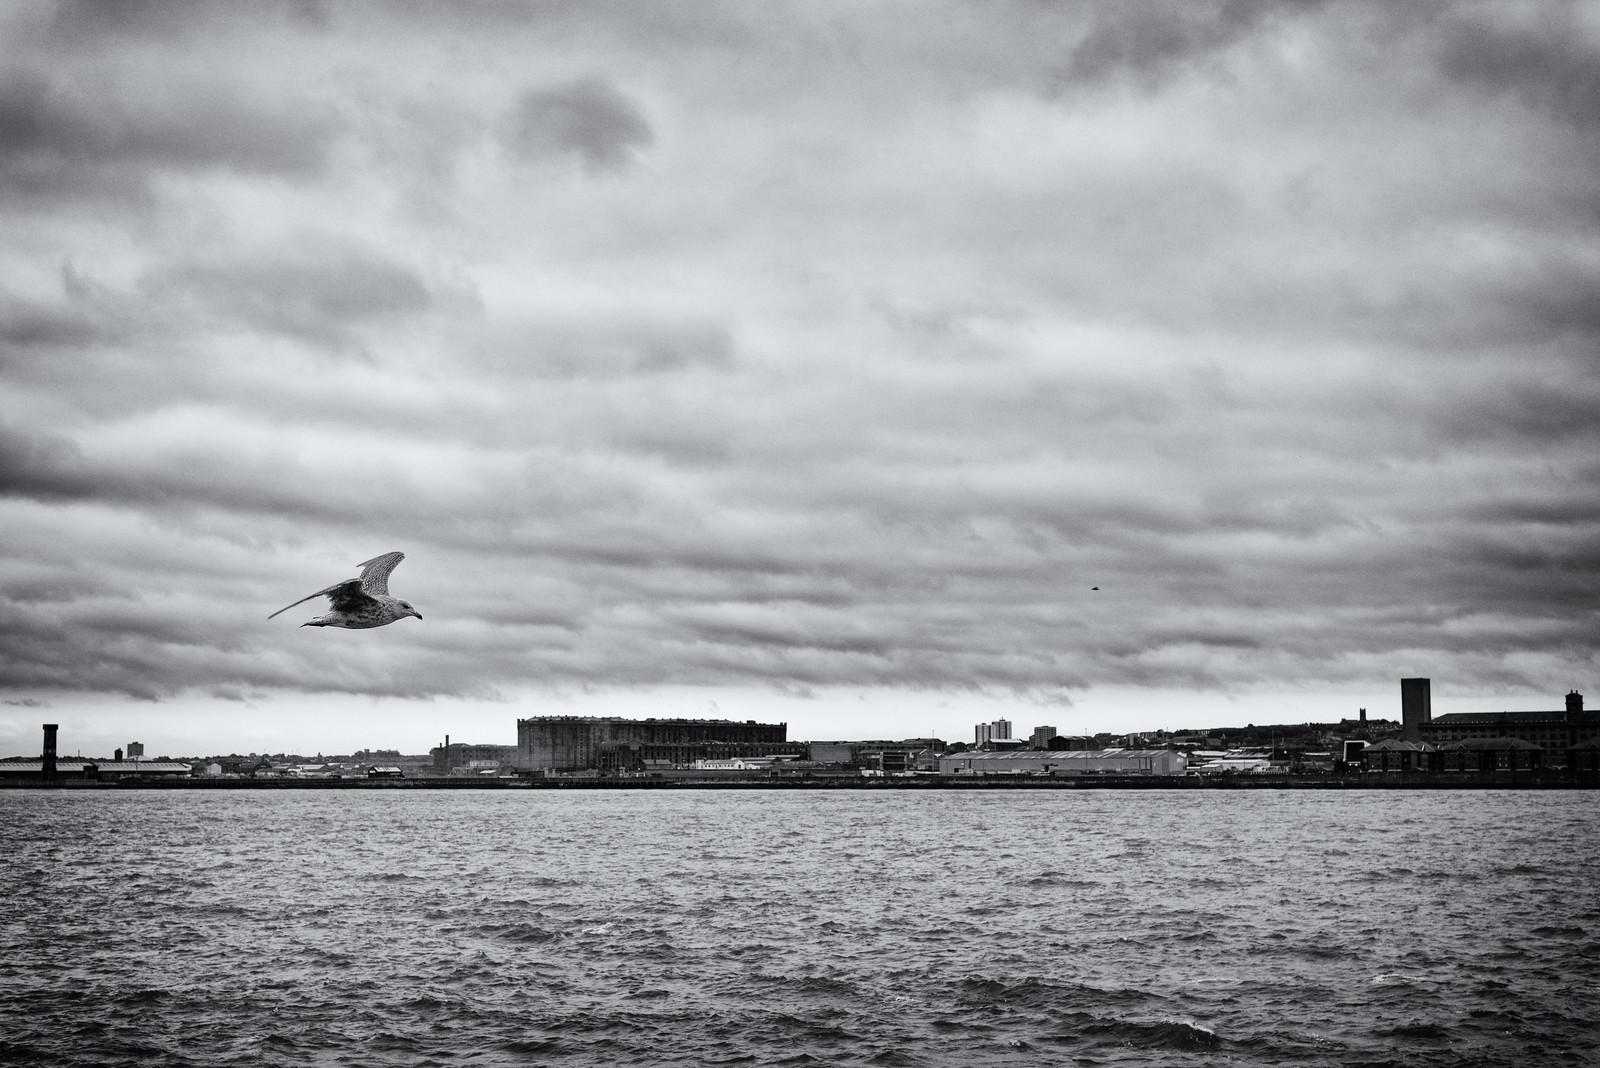 Mersey Gull